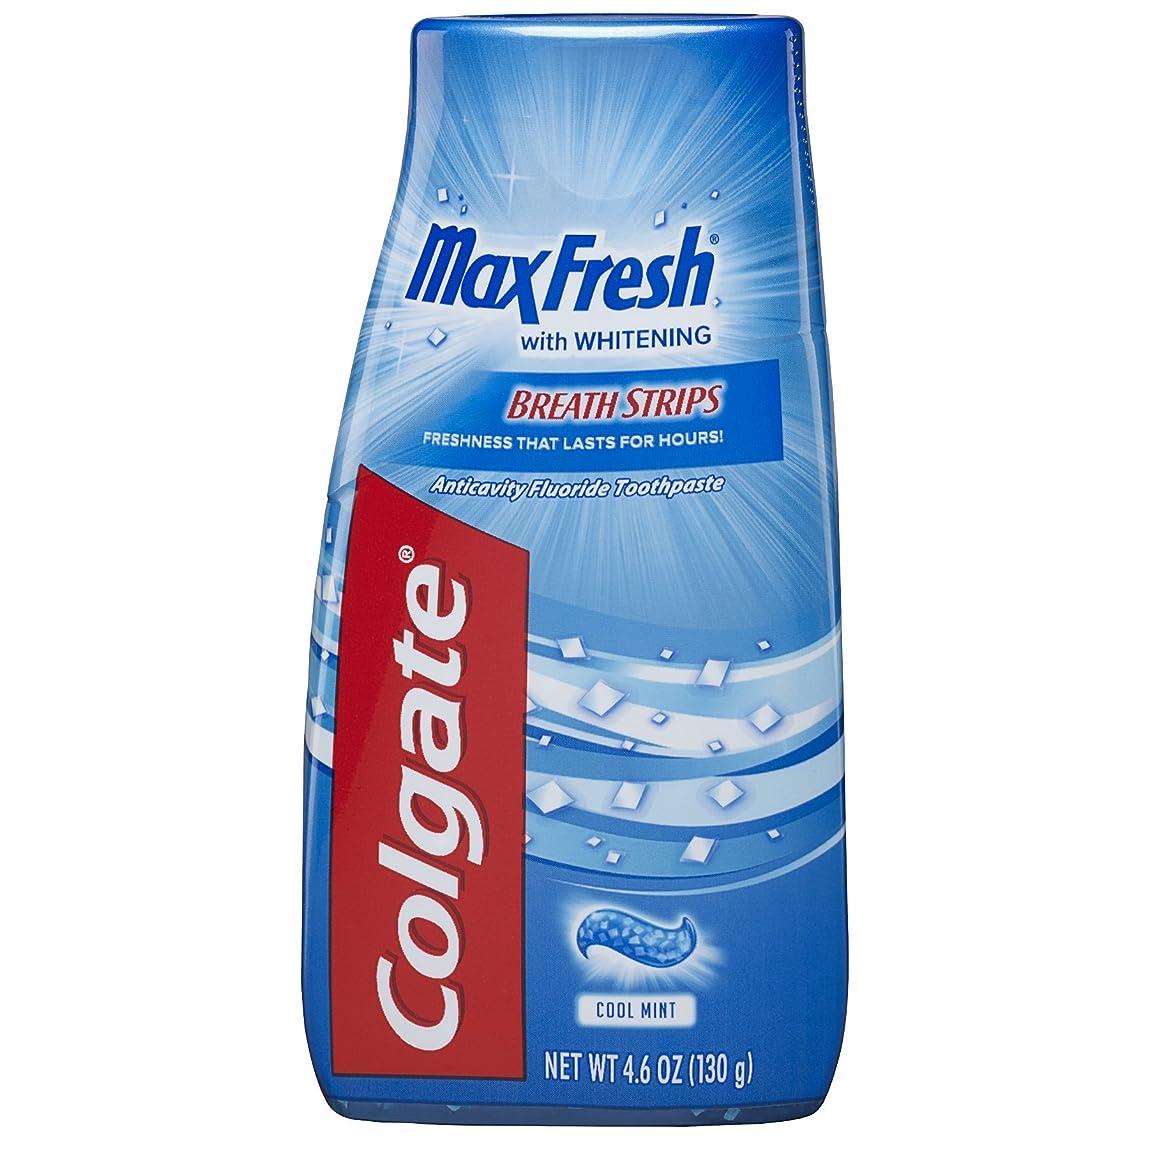 憂鬱がっかりした分解するColgate マックス新鮮な液体ゲル2-IN-1歯磨き粉およびマウスウォッシュ - 4.6オンス(12パック)